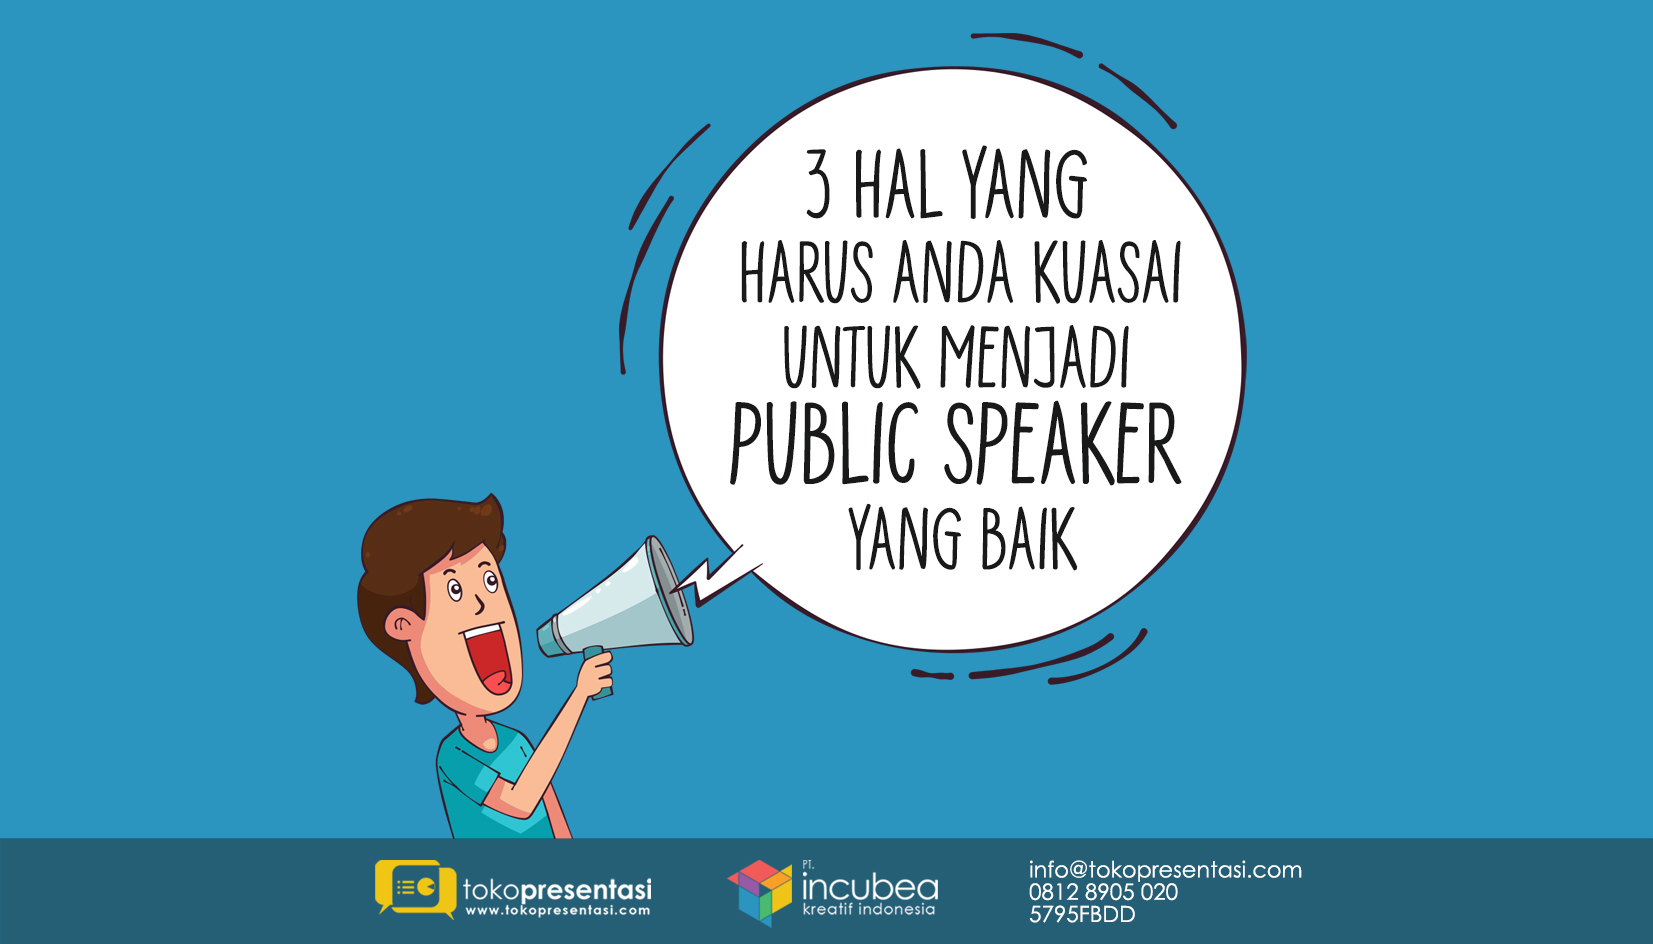 3 hal yang harus dikuasai untuk menjadi public speaker yang baik artikel tokopresentasi